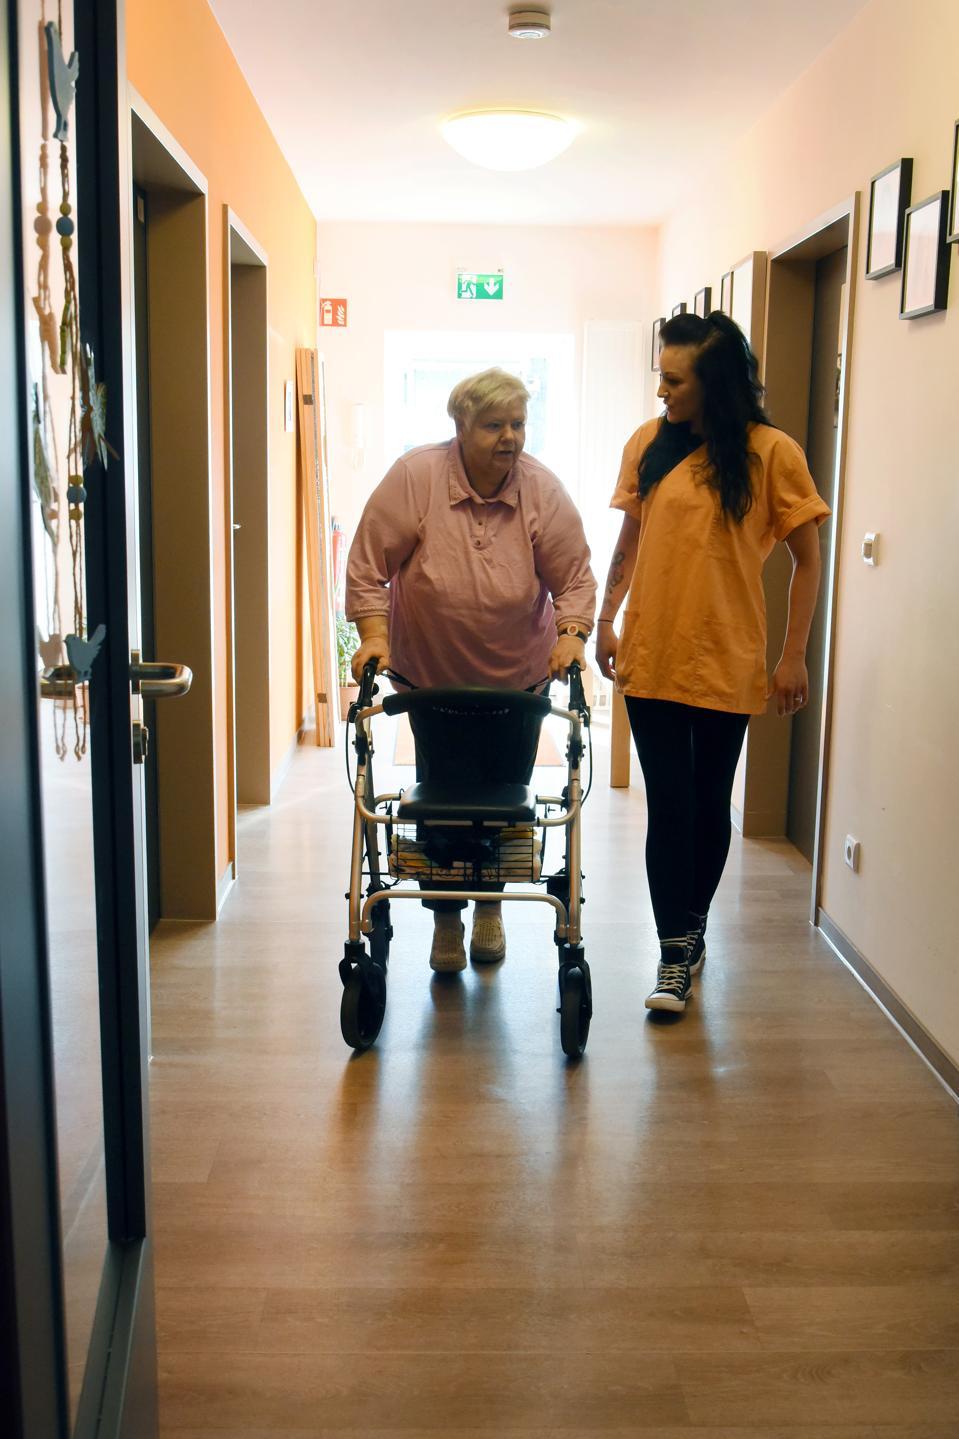 Schoolgirl nursing caregiver in senior citizens' home